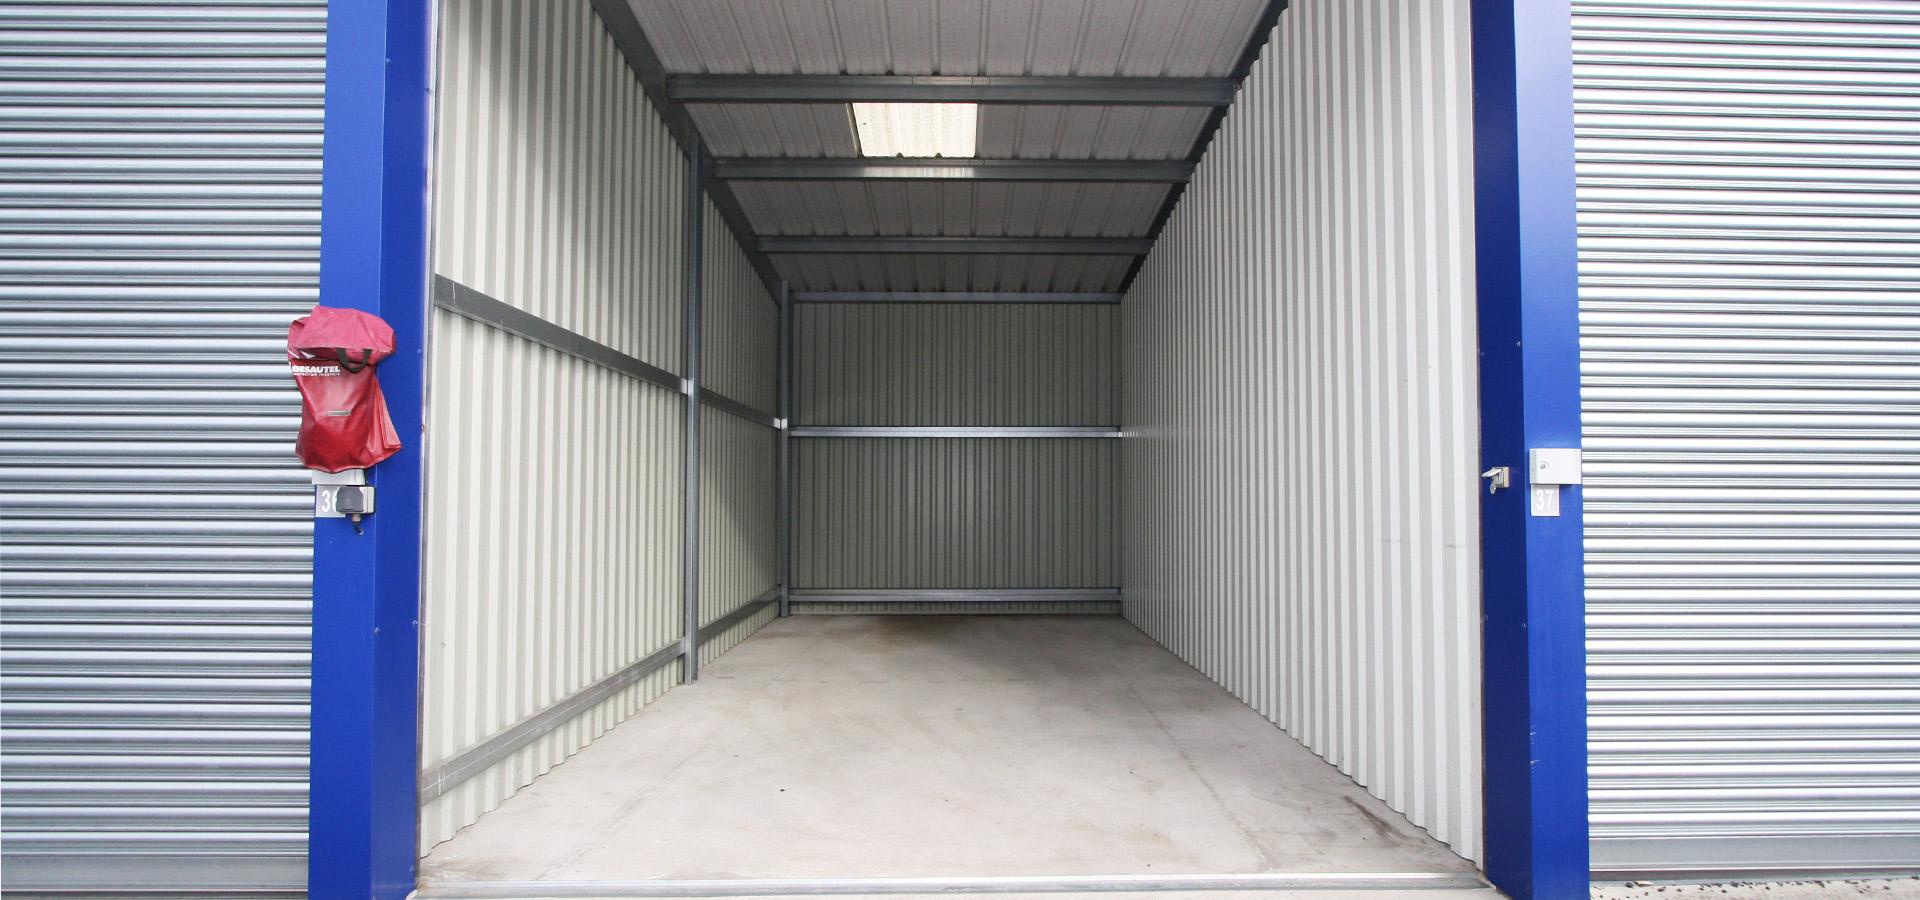 Location de Box de stockage dans les Landes et le Pays-Basque